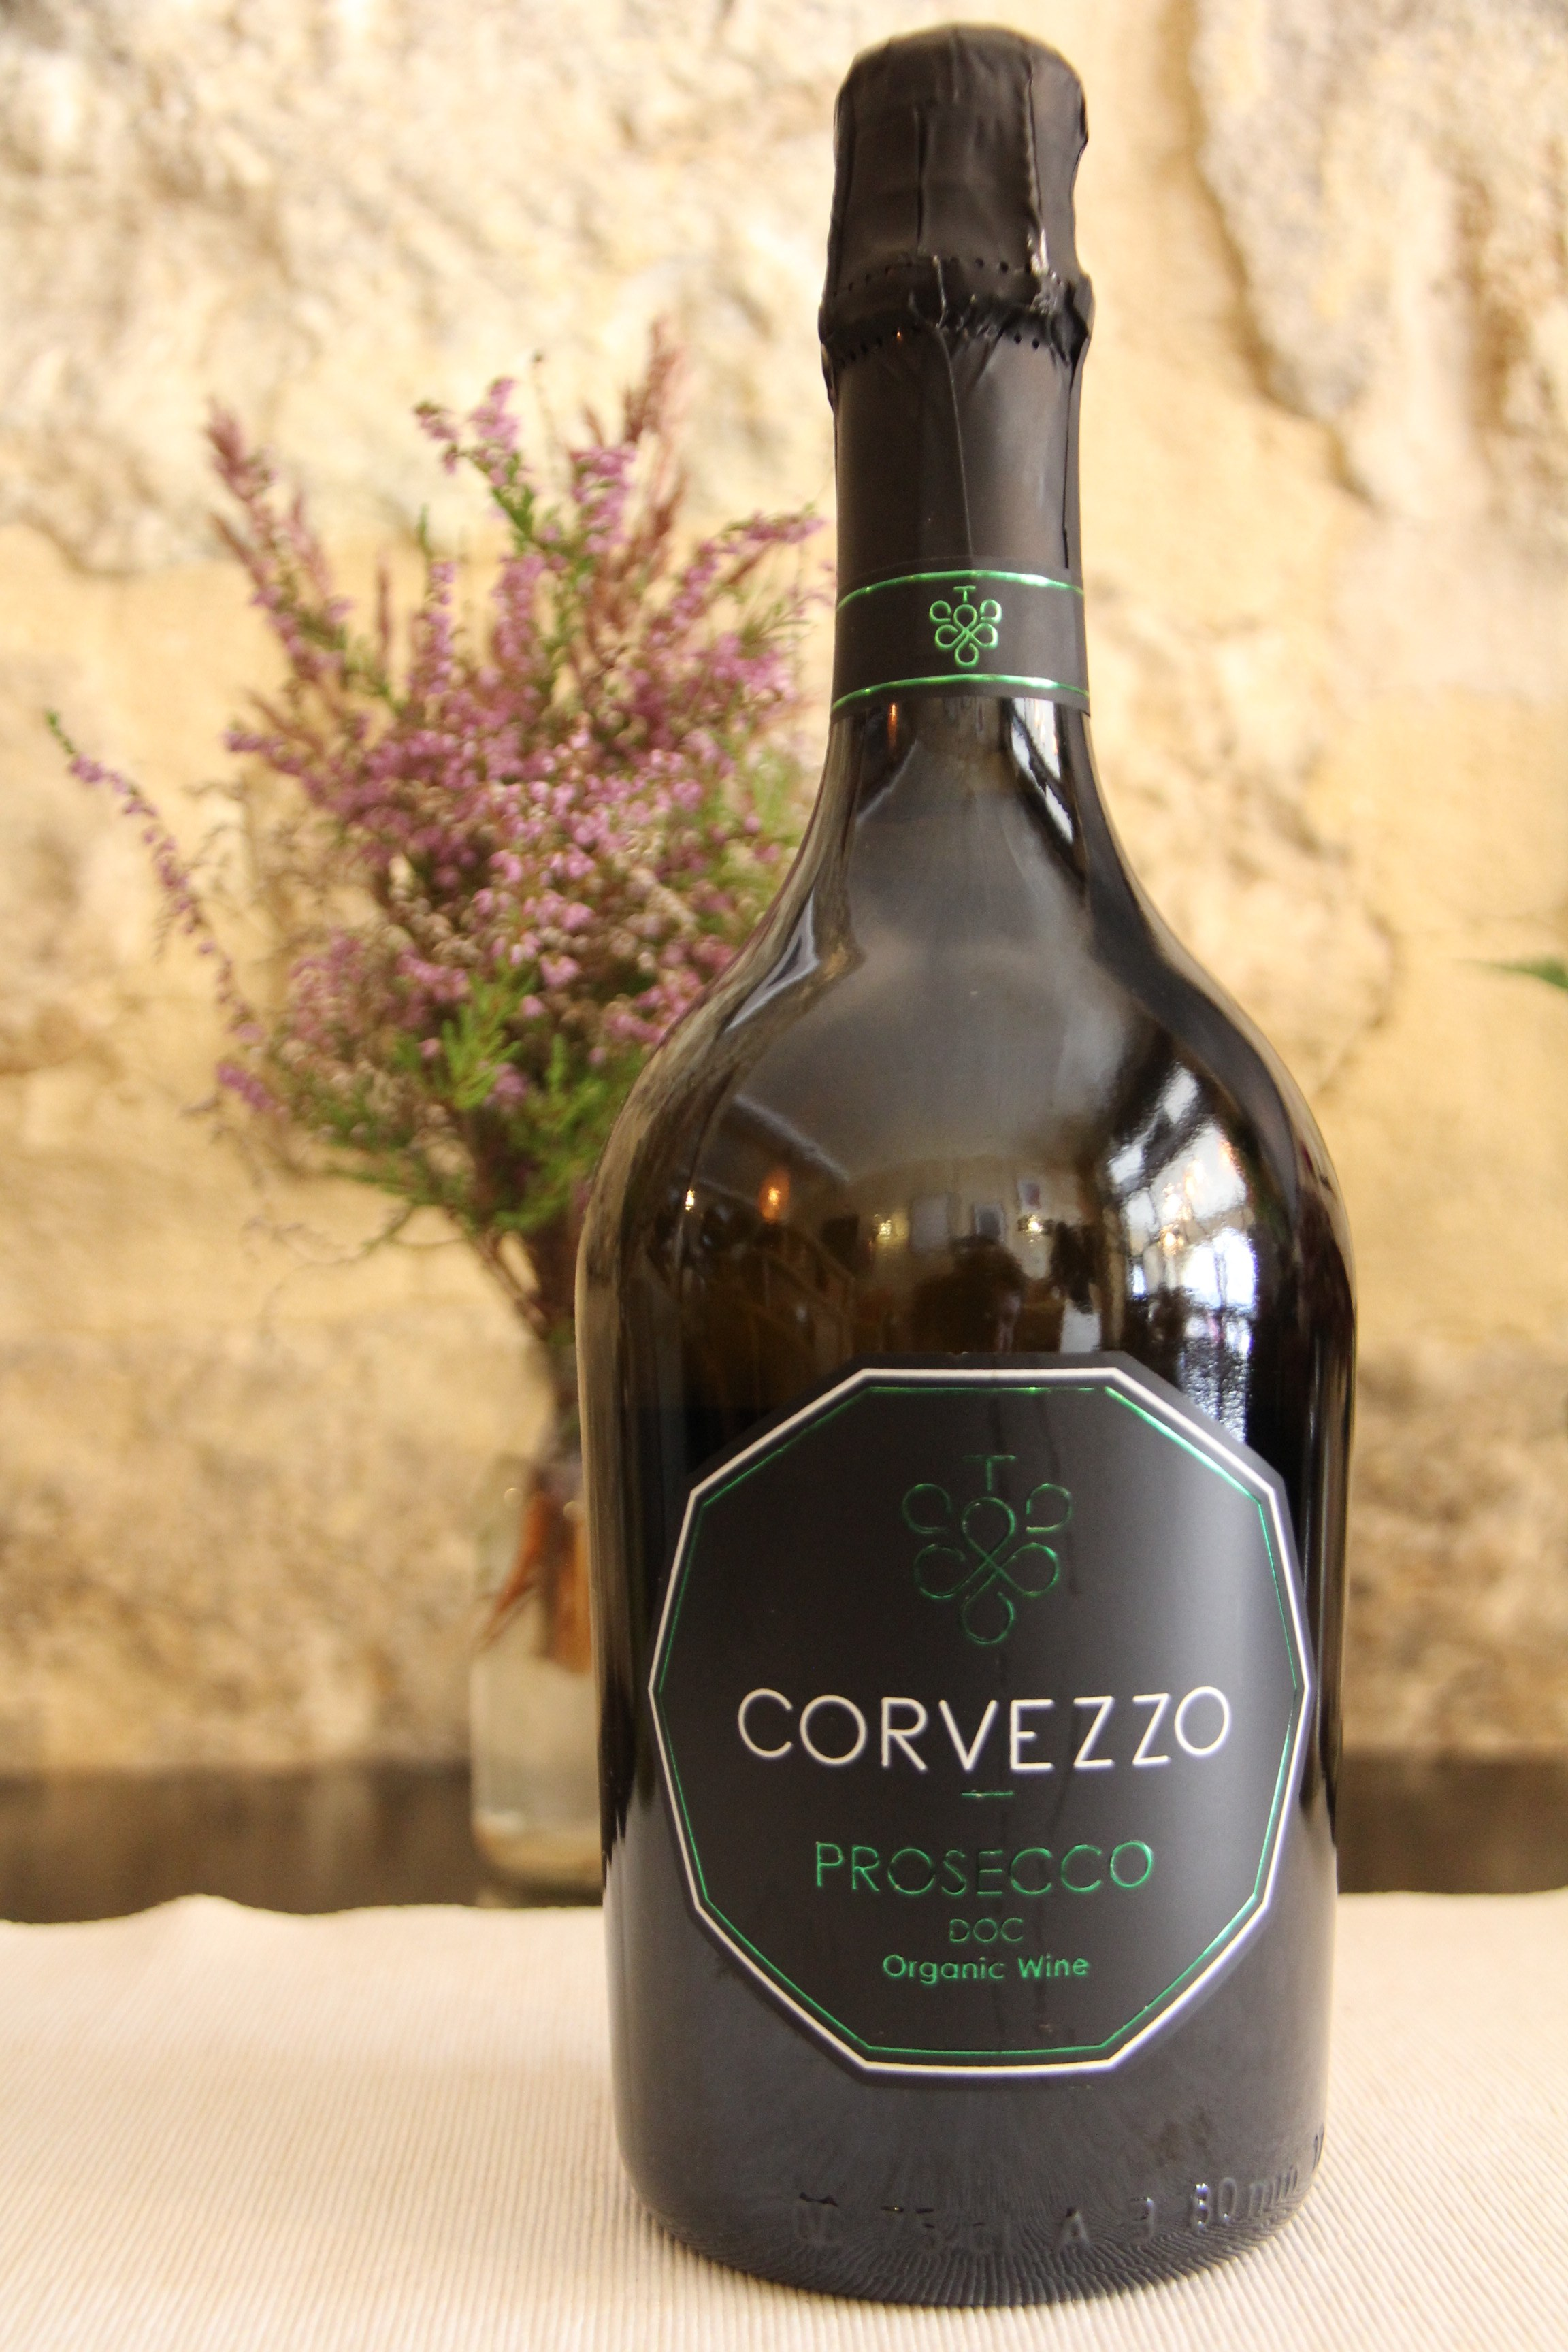 Corvezzo Prosecco